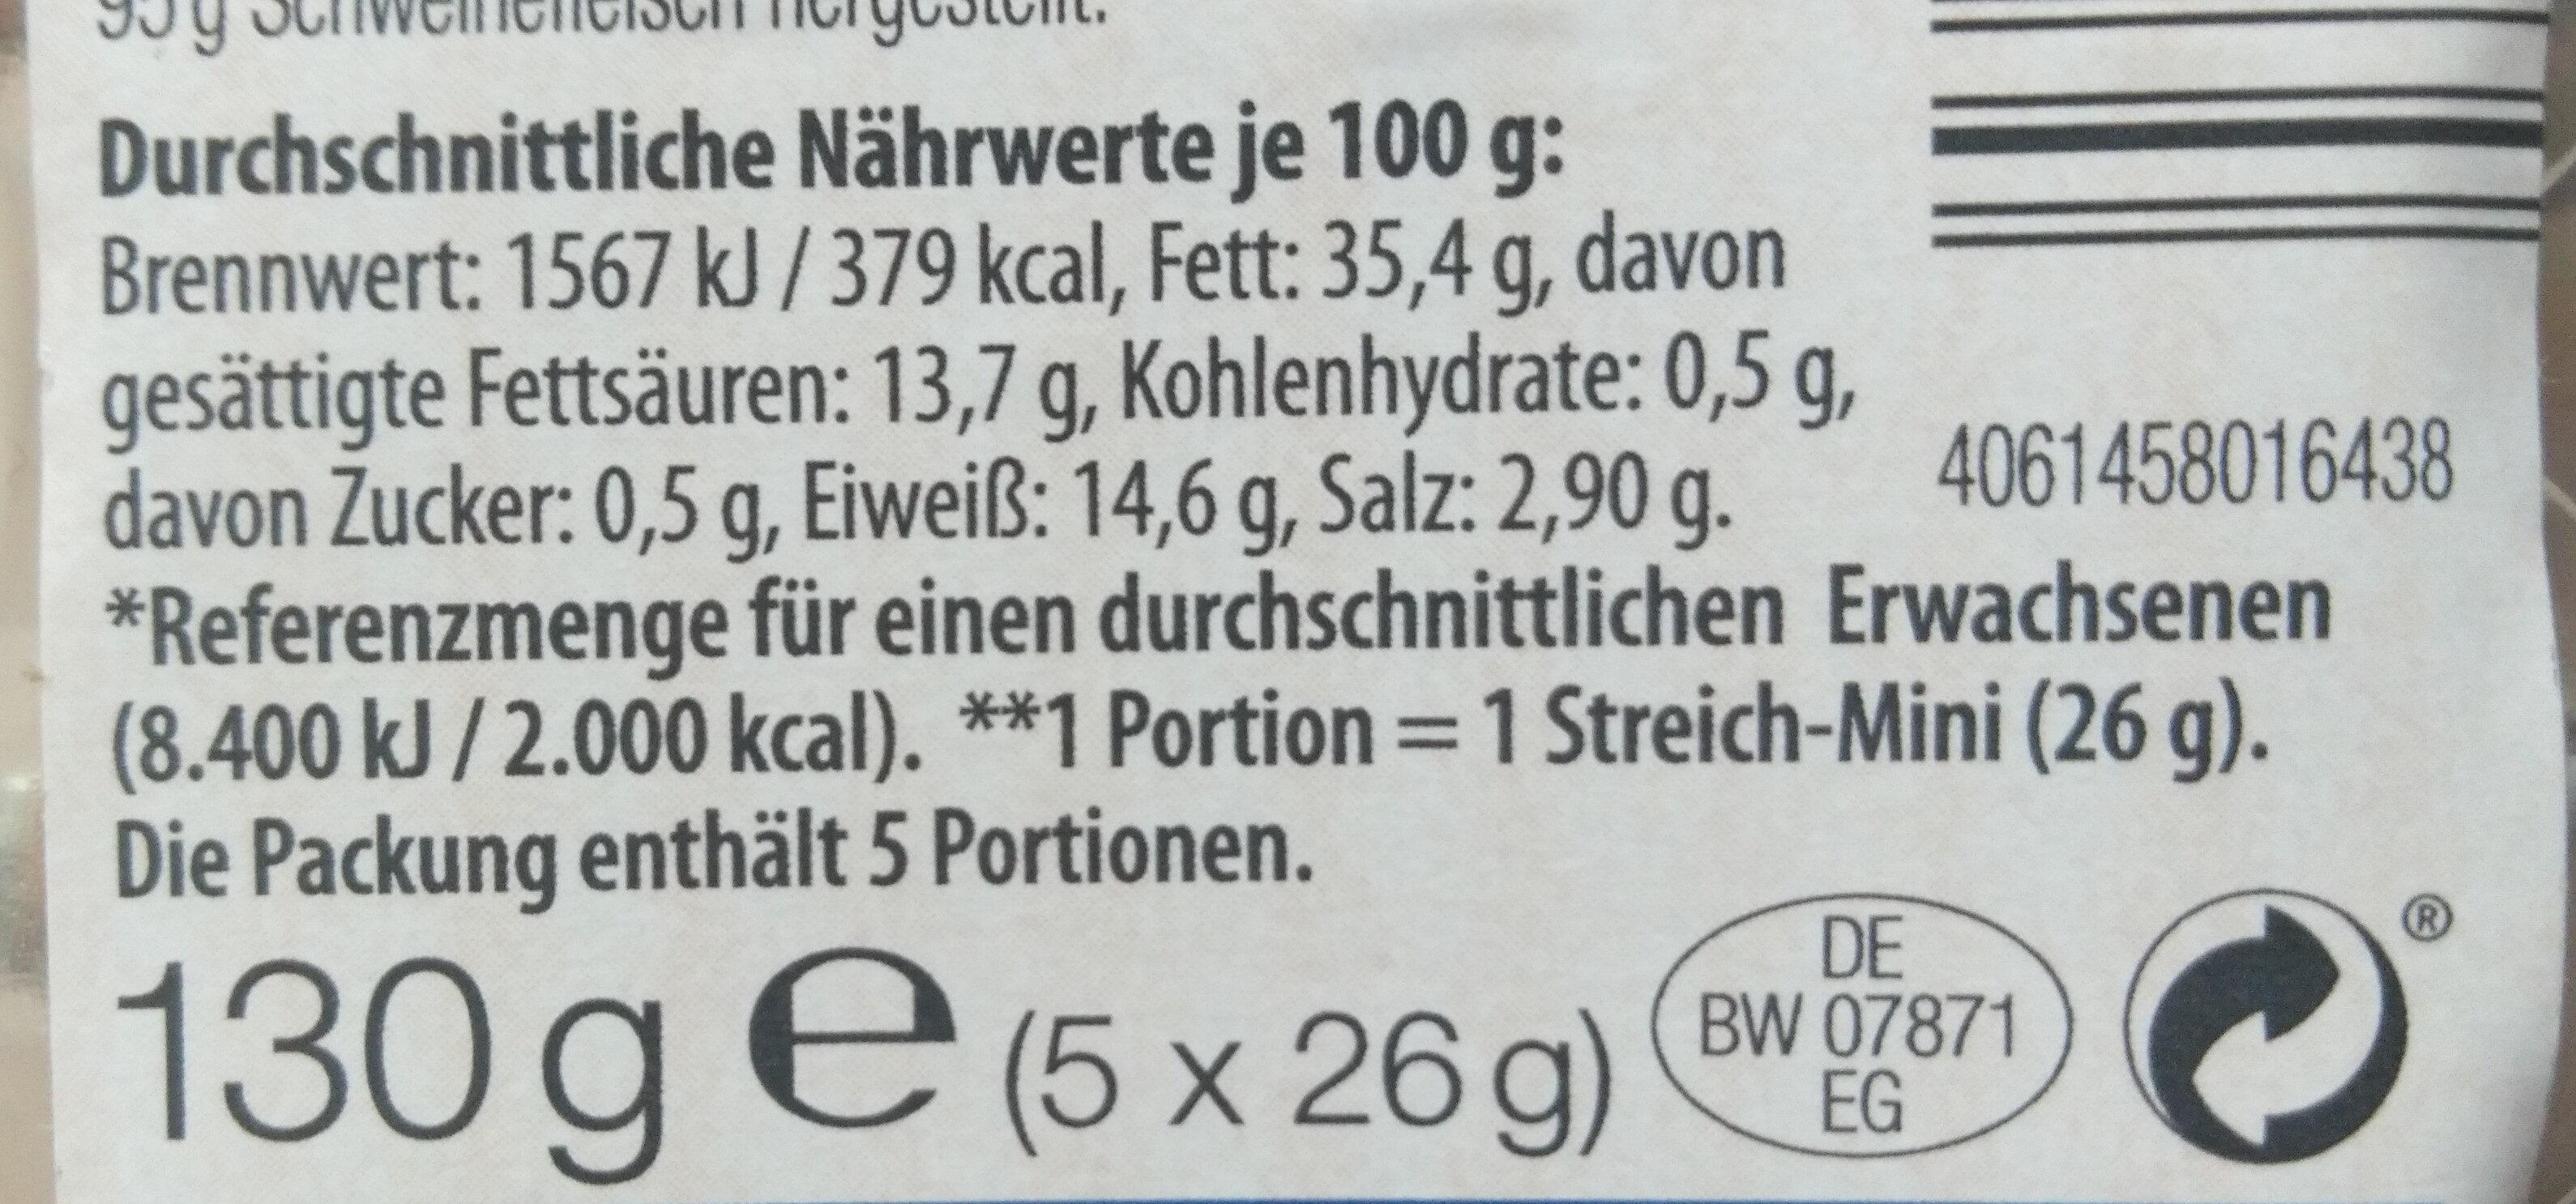 Streich-Minis Schinken-Teewurst fein - Nutrition facts